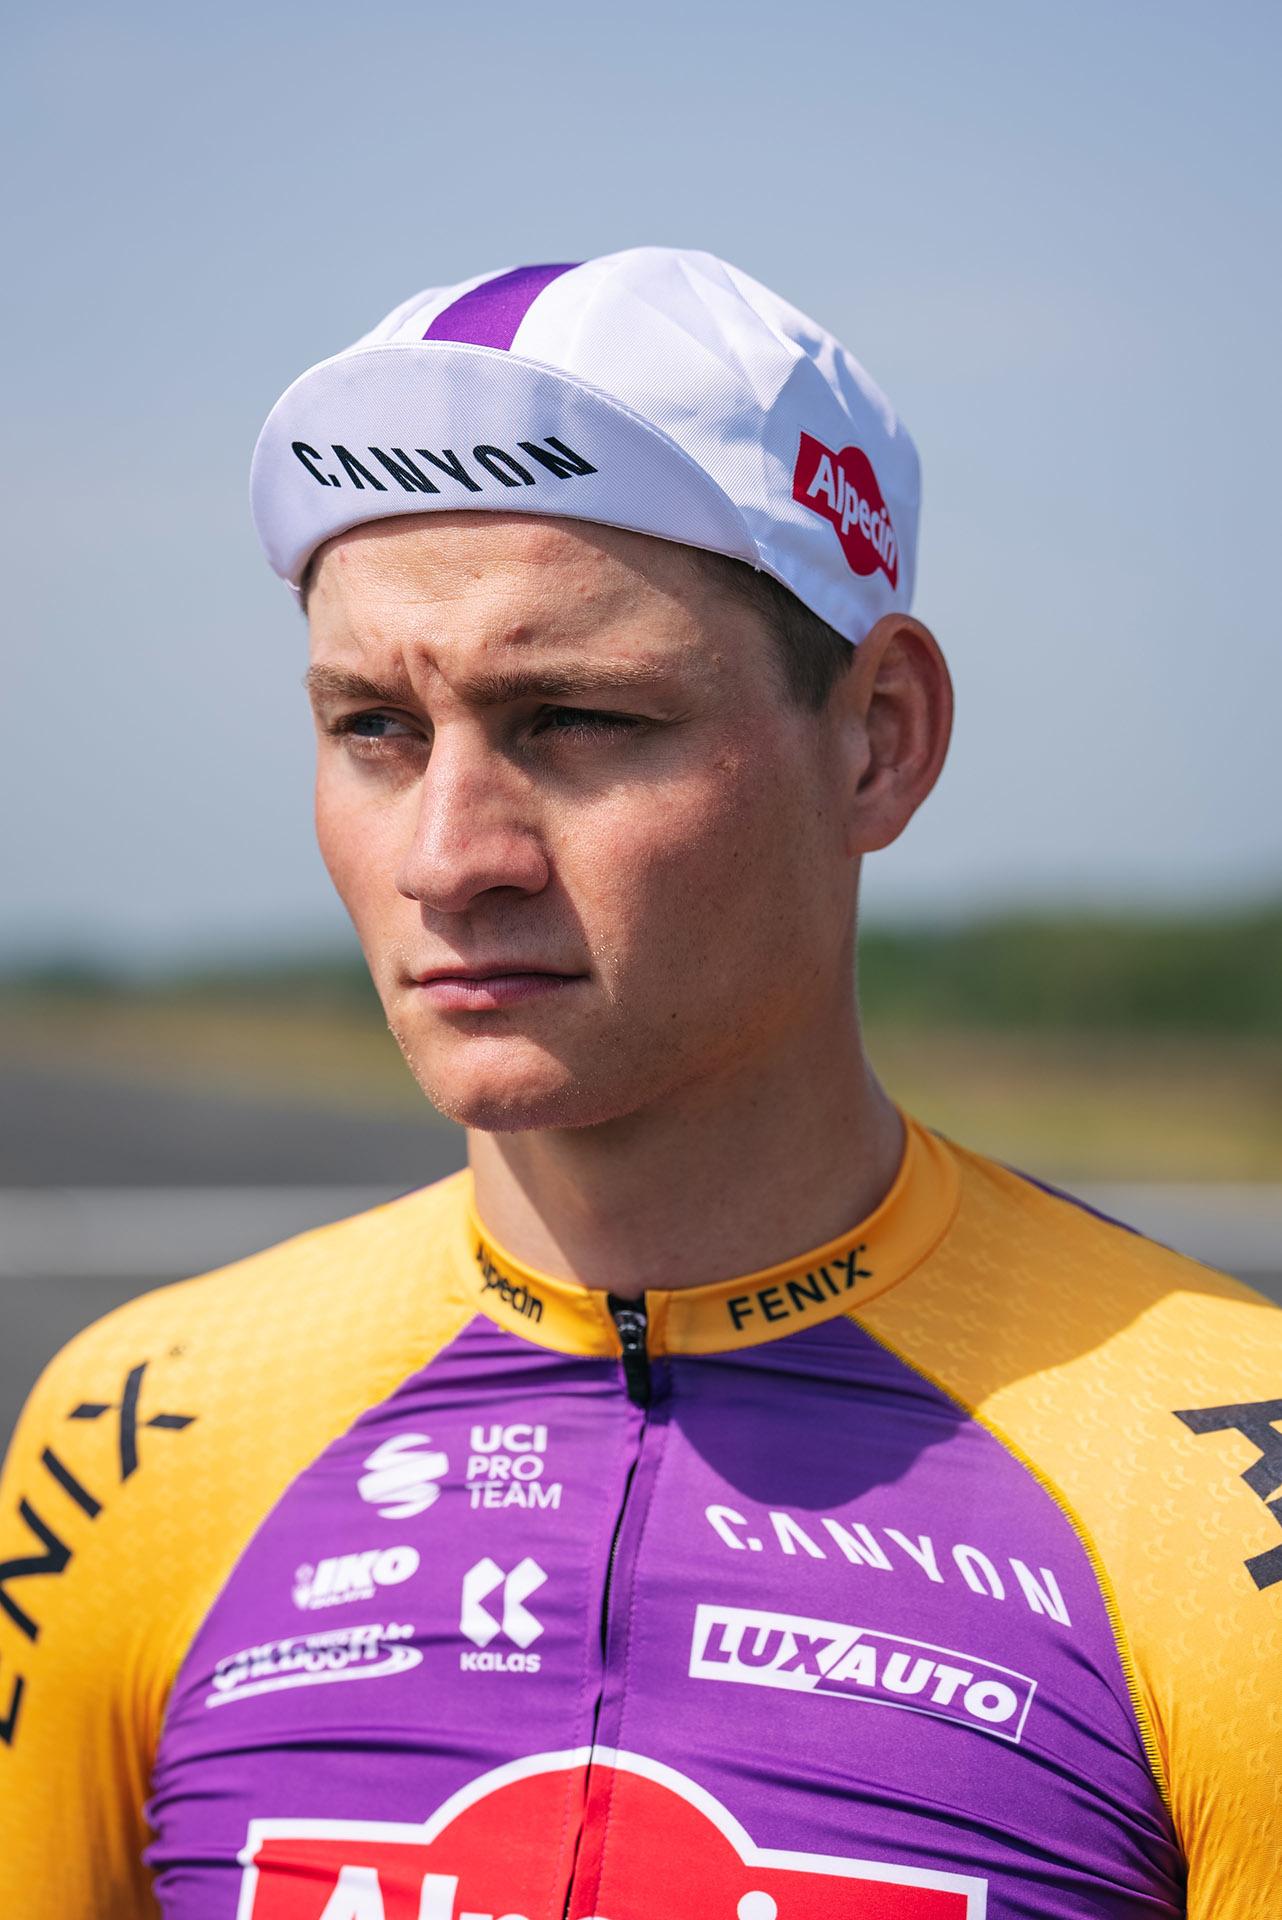 Topfanz Merci Poupou Cycling Cap